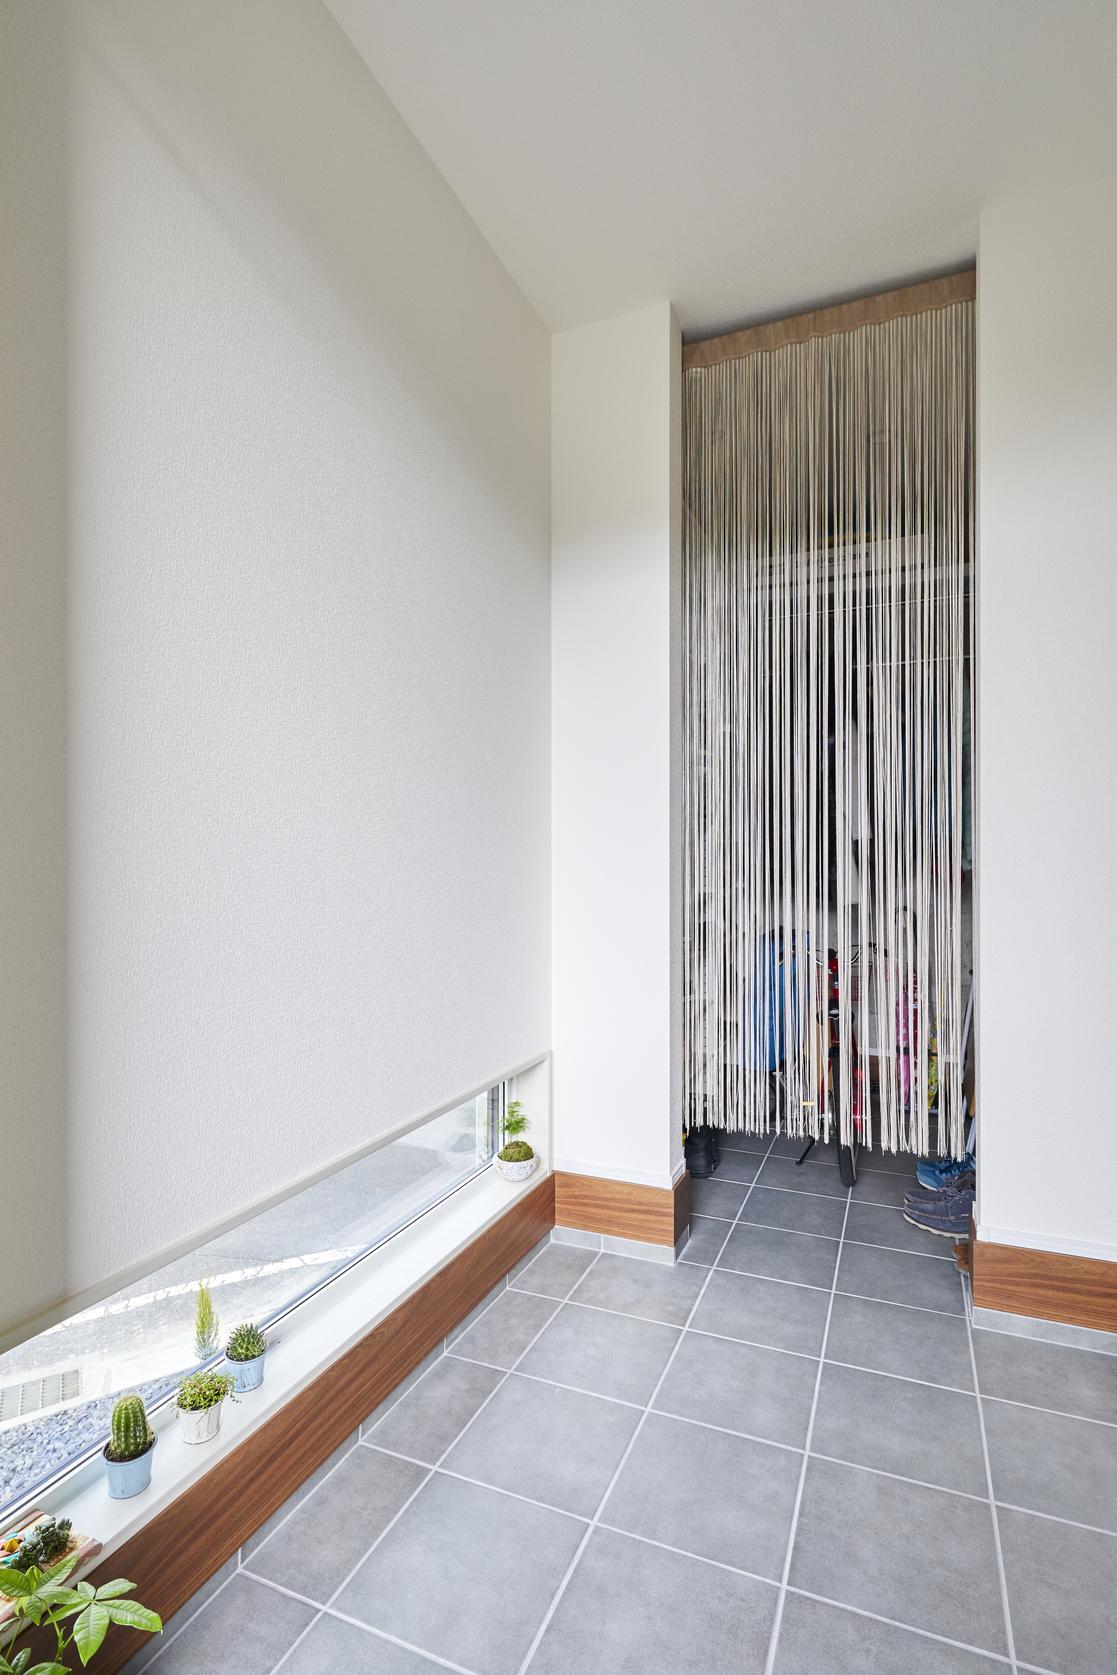 玄関には大きめのシューズクロークを設計。シューズクロークから室内に上がることもでき、回遊性も高い